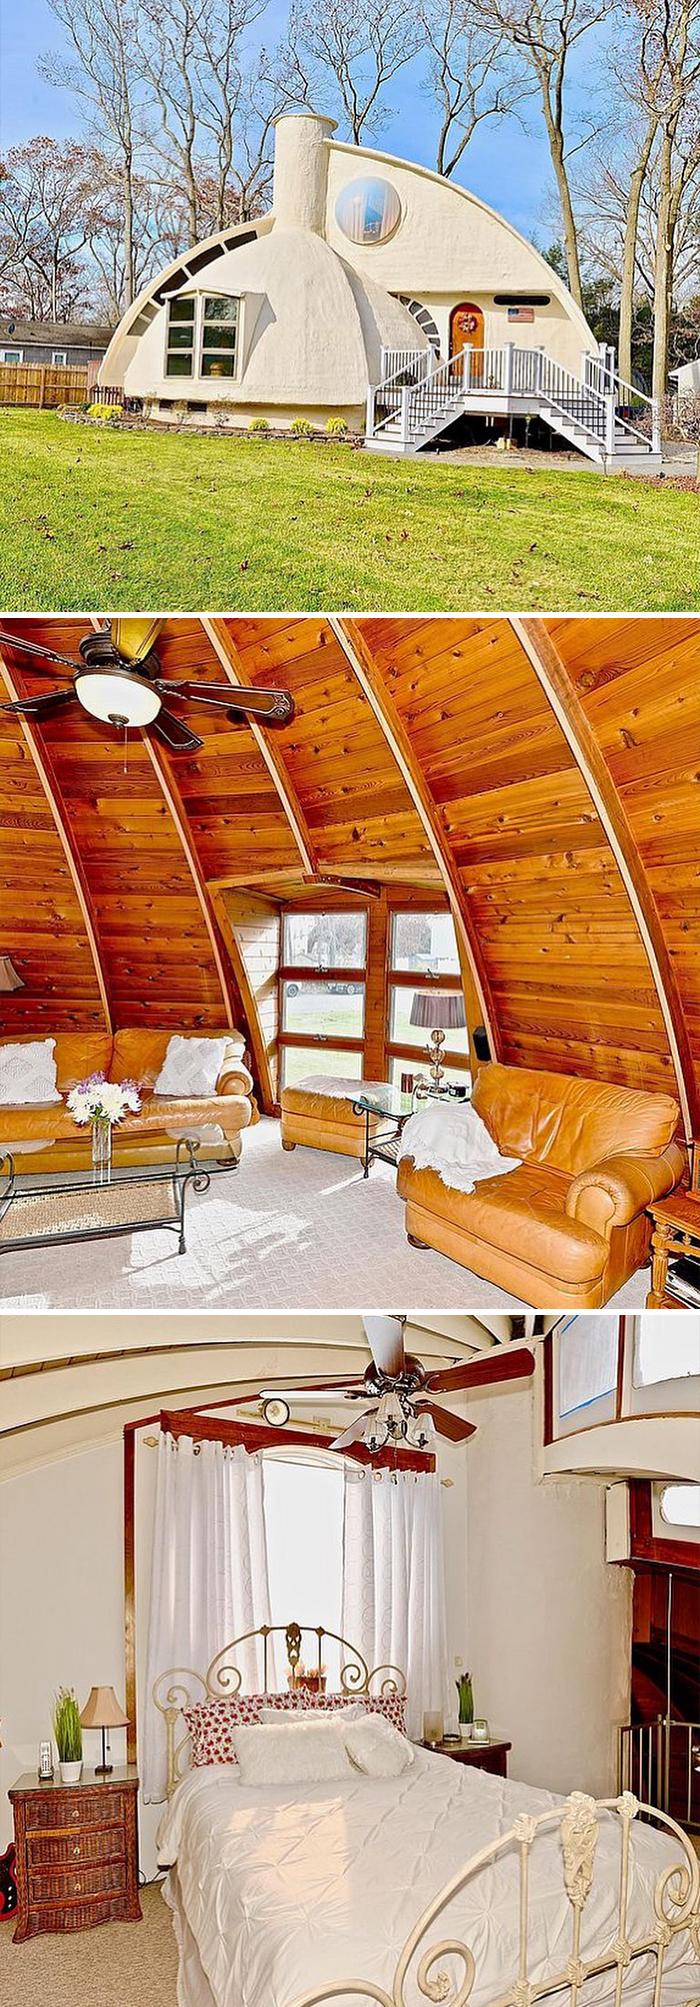 The Mushroom House II. $295,000